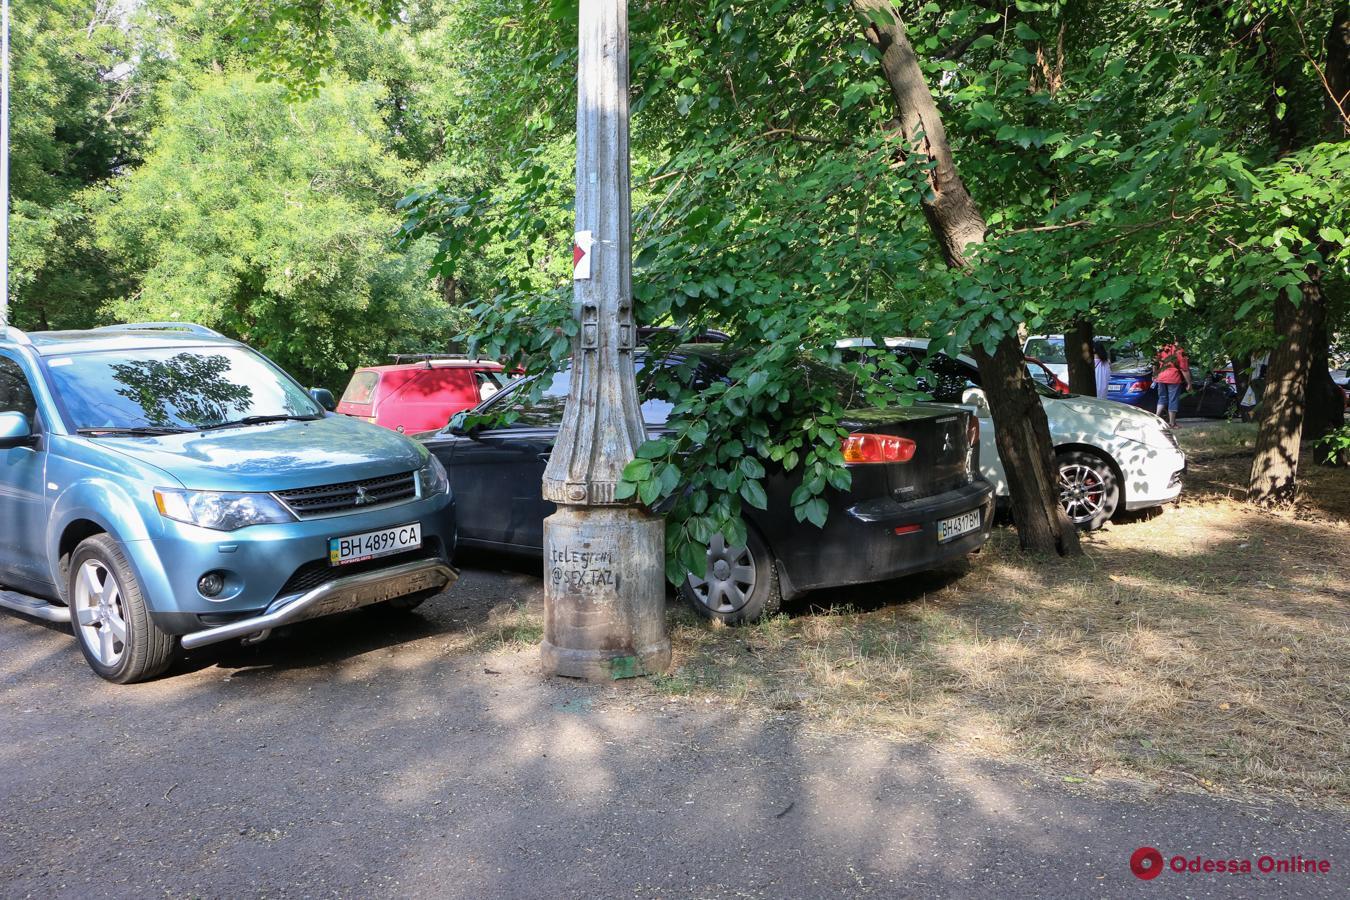 Жаль денег за парковку: в парке Шевченко владельцы авто продолжают «убивать» газоны (фото)